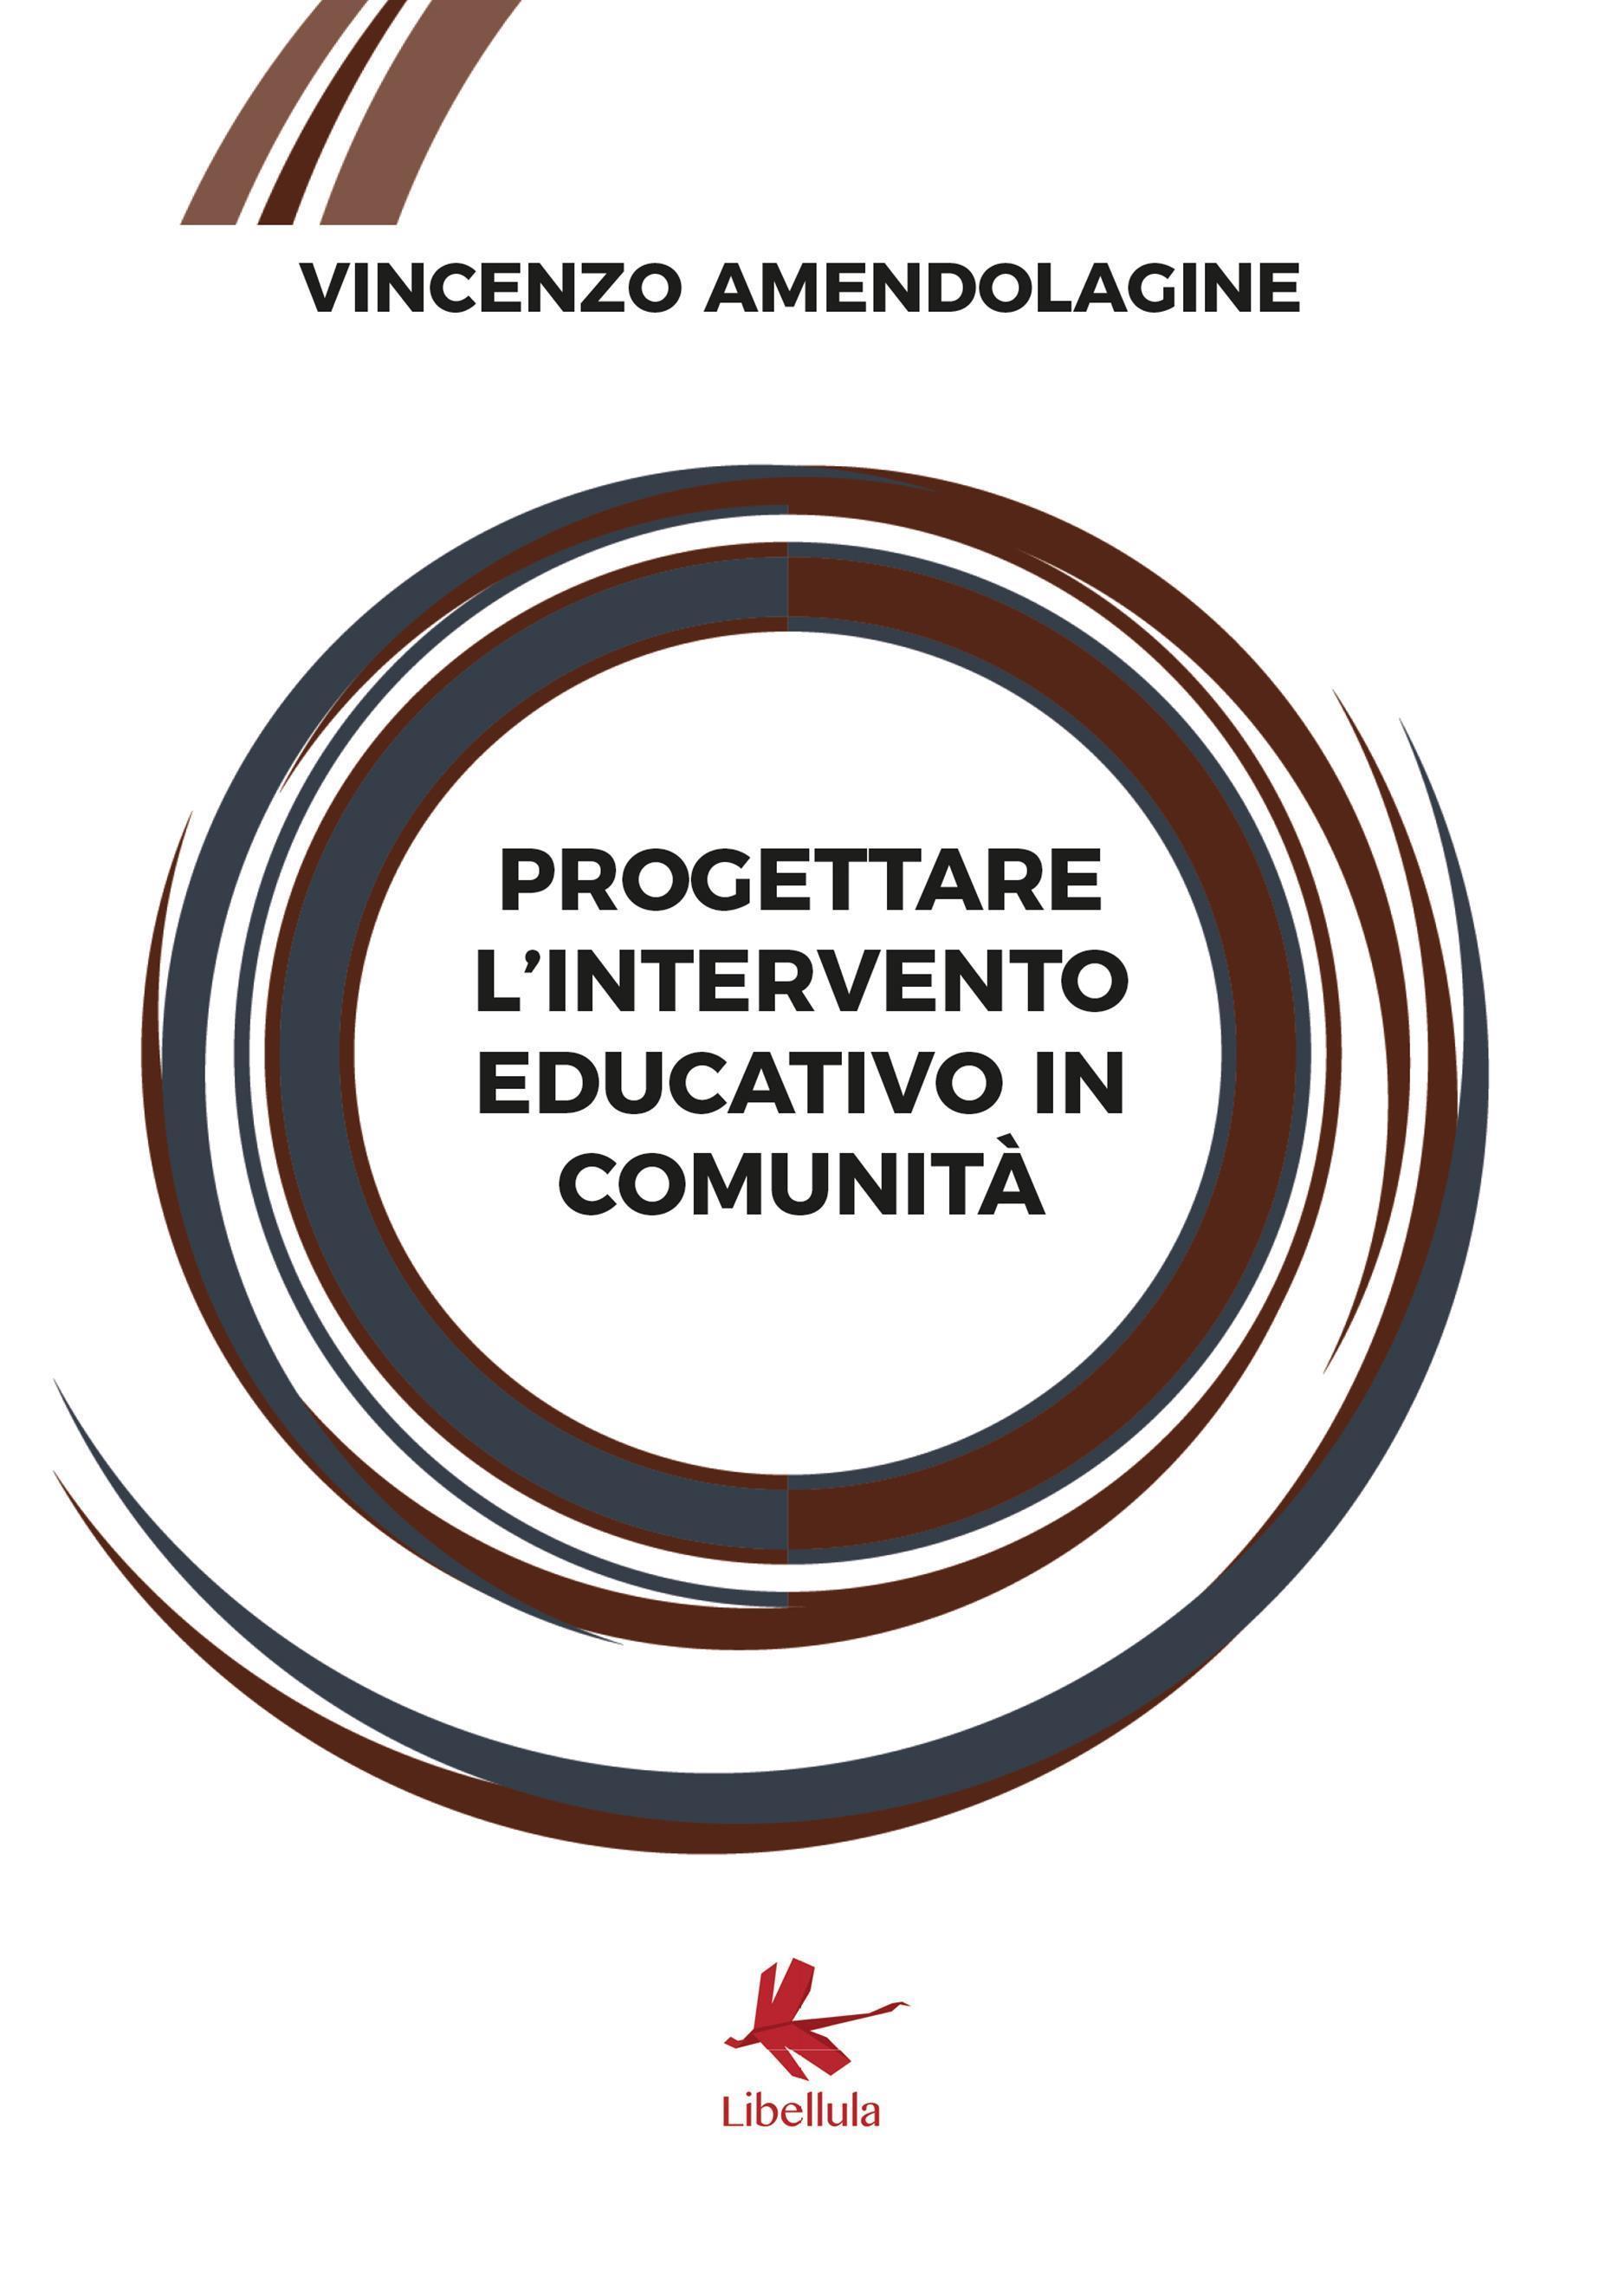 Progettare l'intervento educativo in comunità